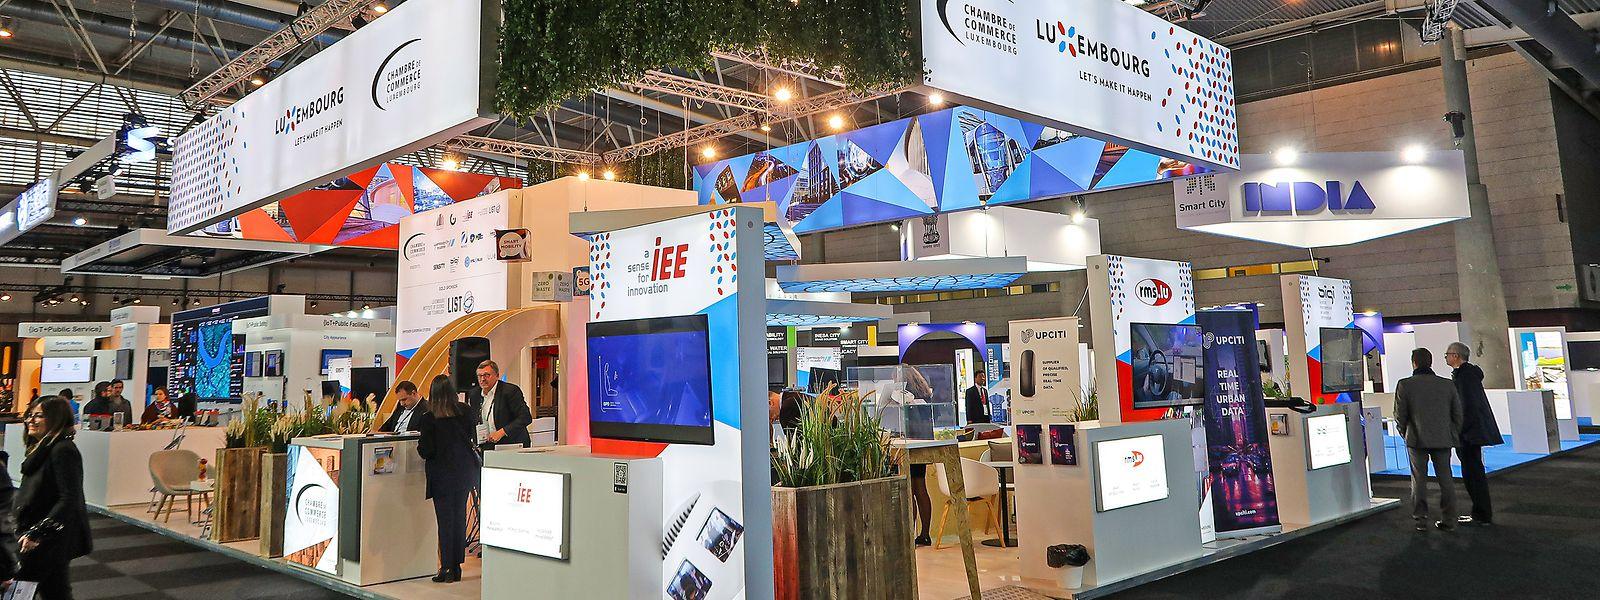 150 Quadratmeter groß: Auf dem von der Handelskammer organisierten Gemeinschaftsstand präsentieren sich elf Unternehmen.